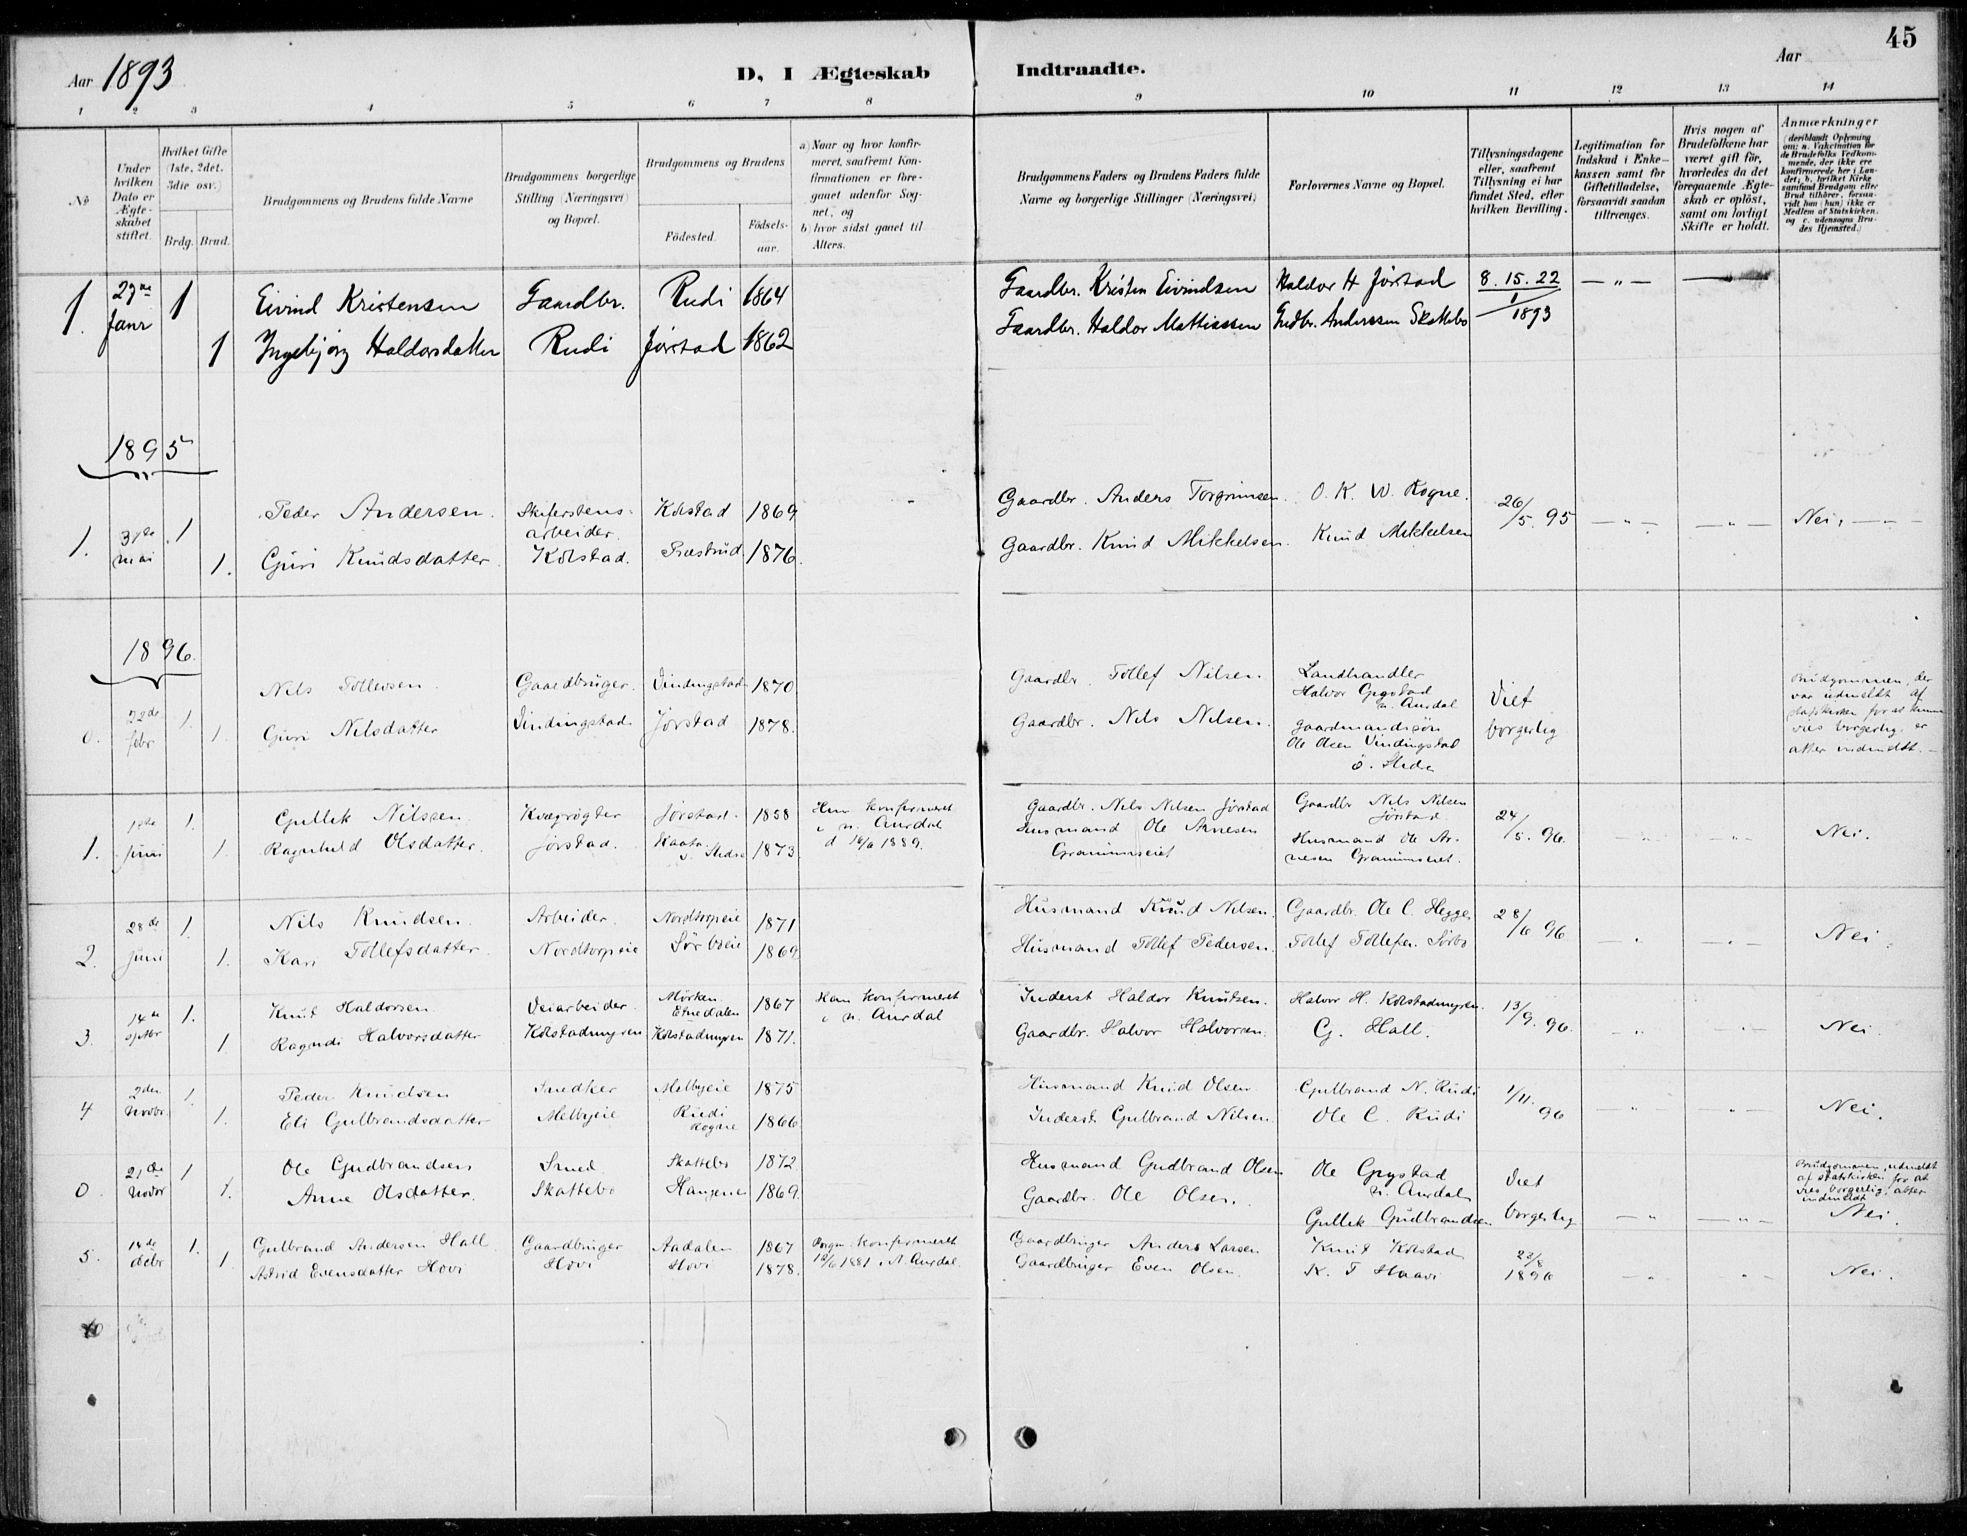 SAH, Øystre Slidre prestekontor, Ministerialbok nr. 5, 1887-1916, s. 45